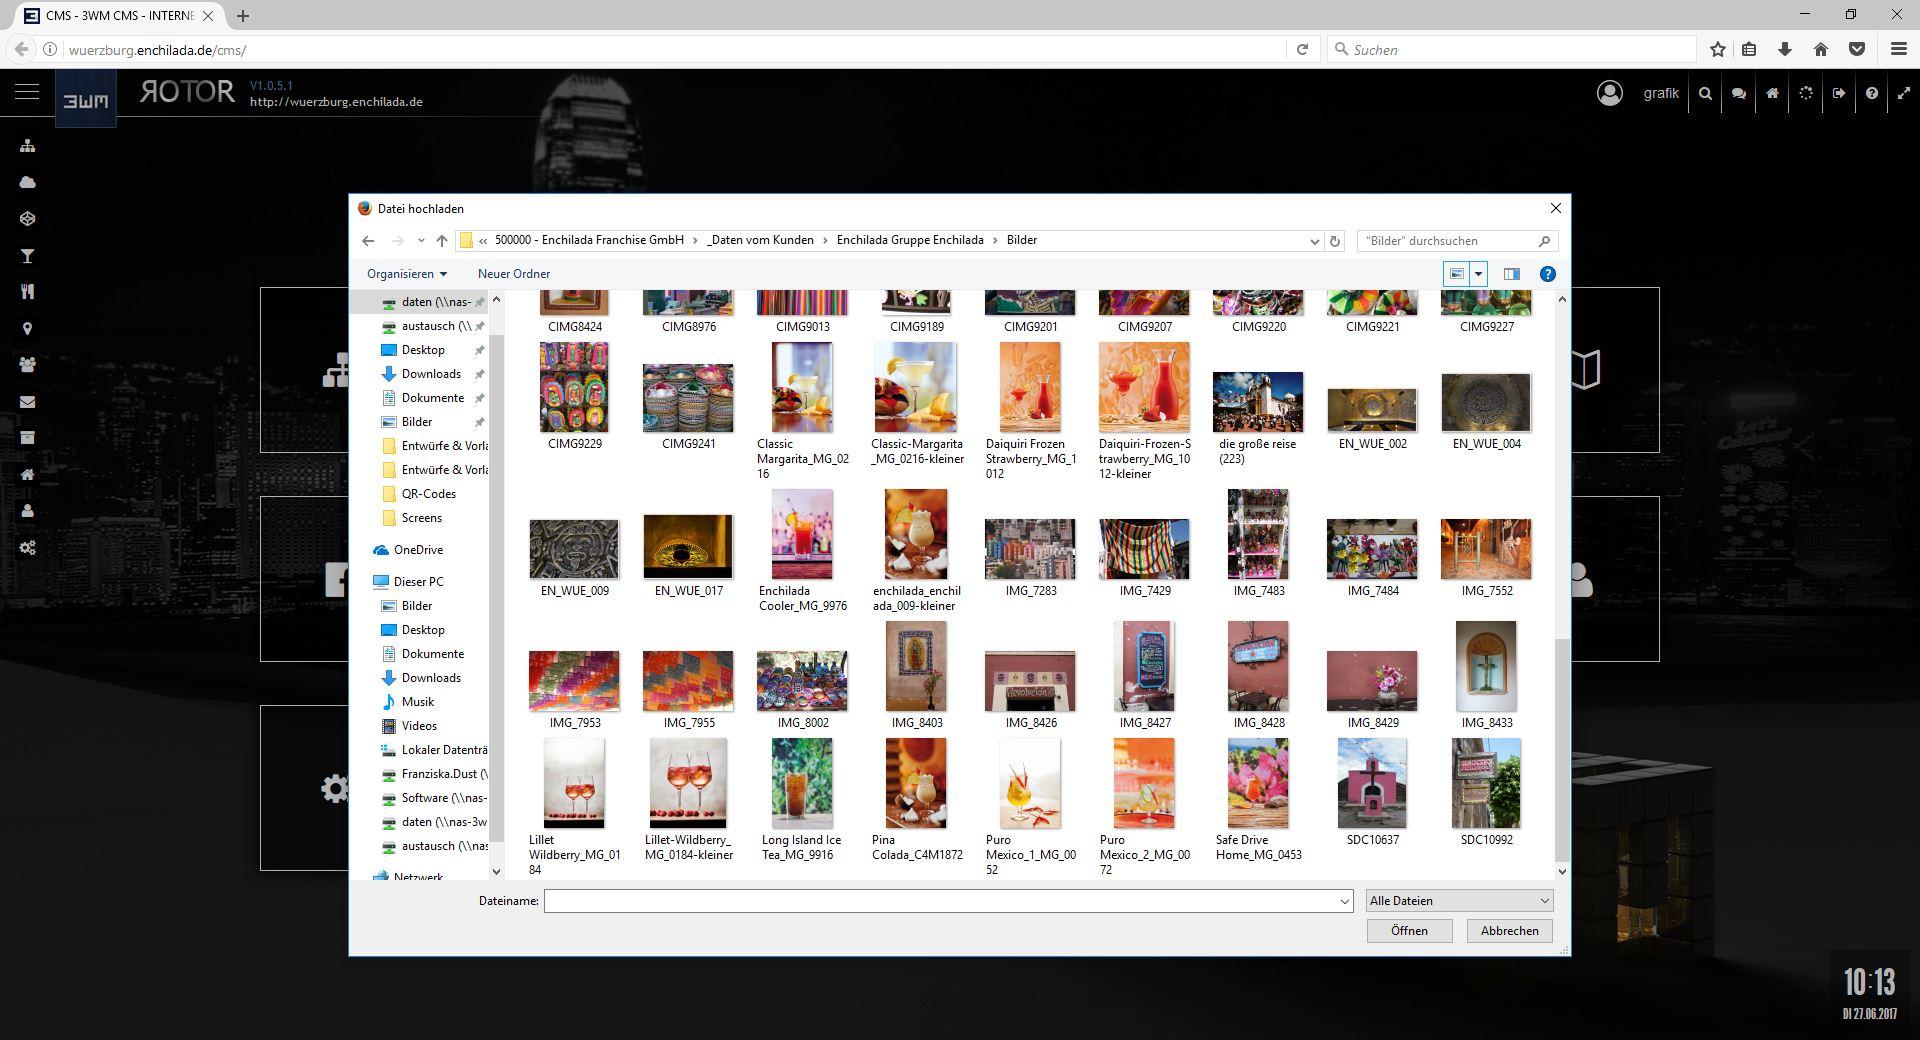 Abb. 2: Datei hochladen - Datei(en) auswählen